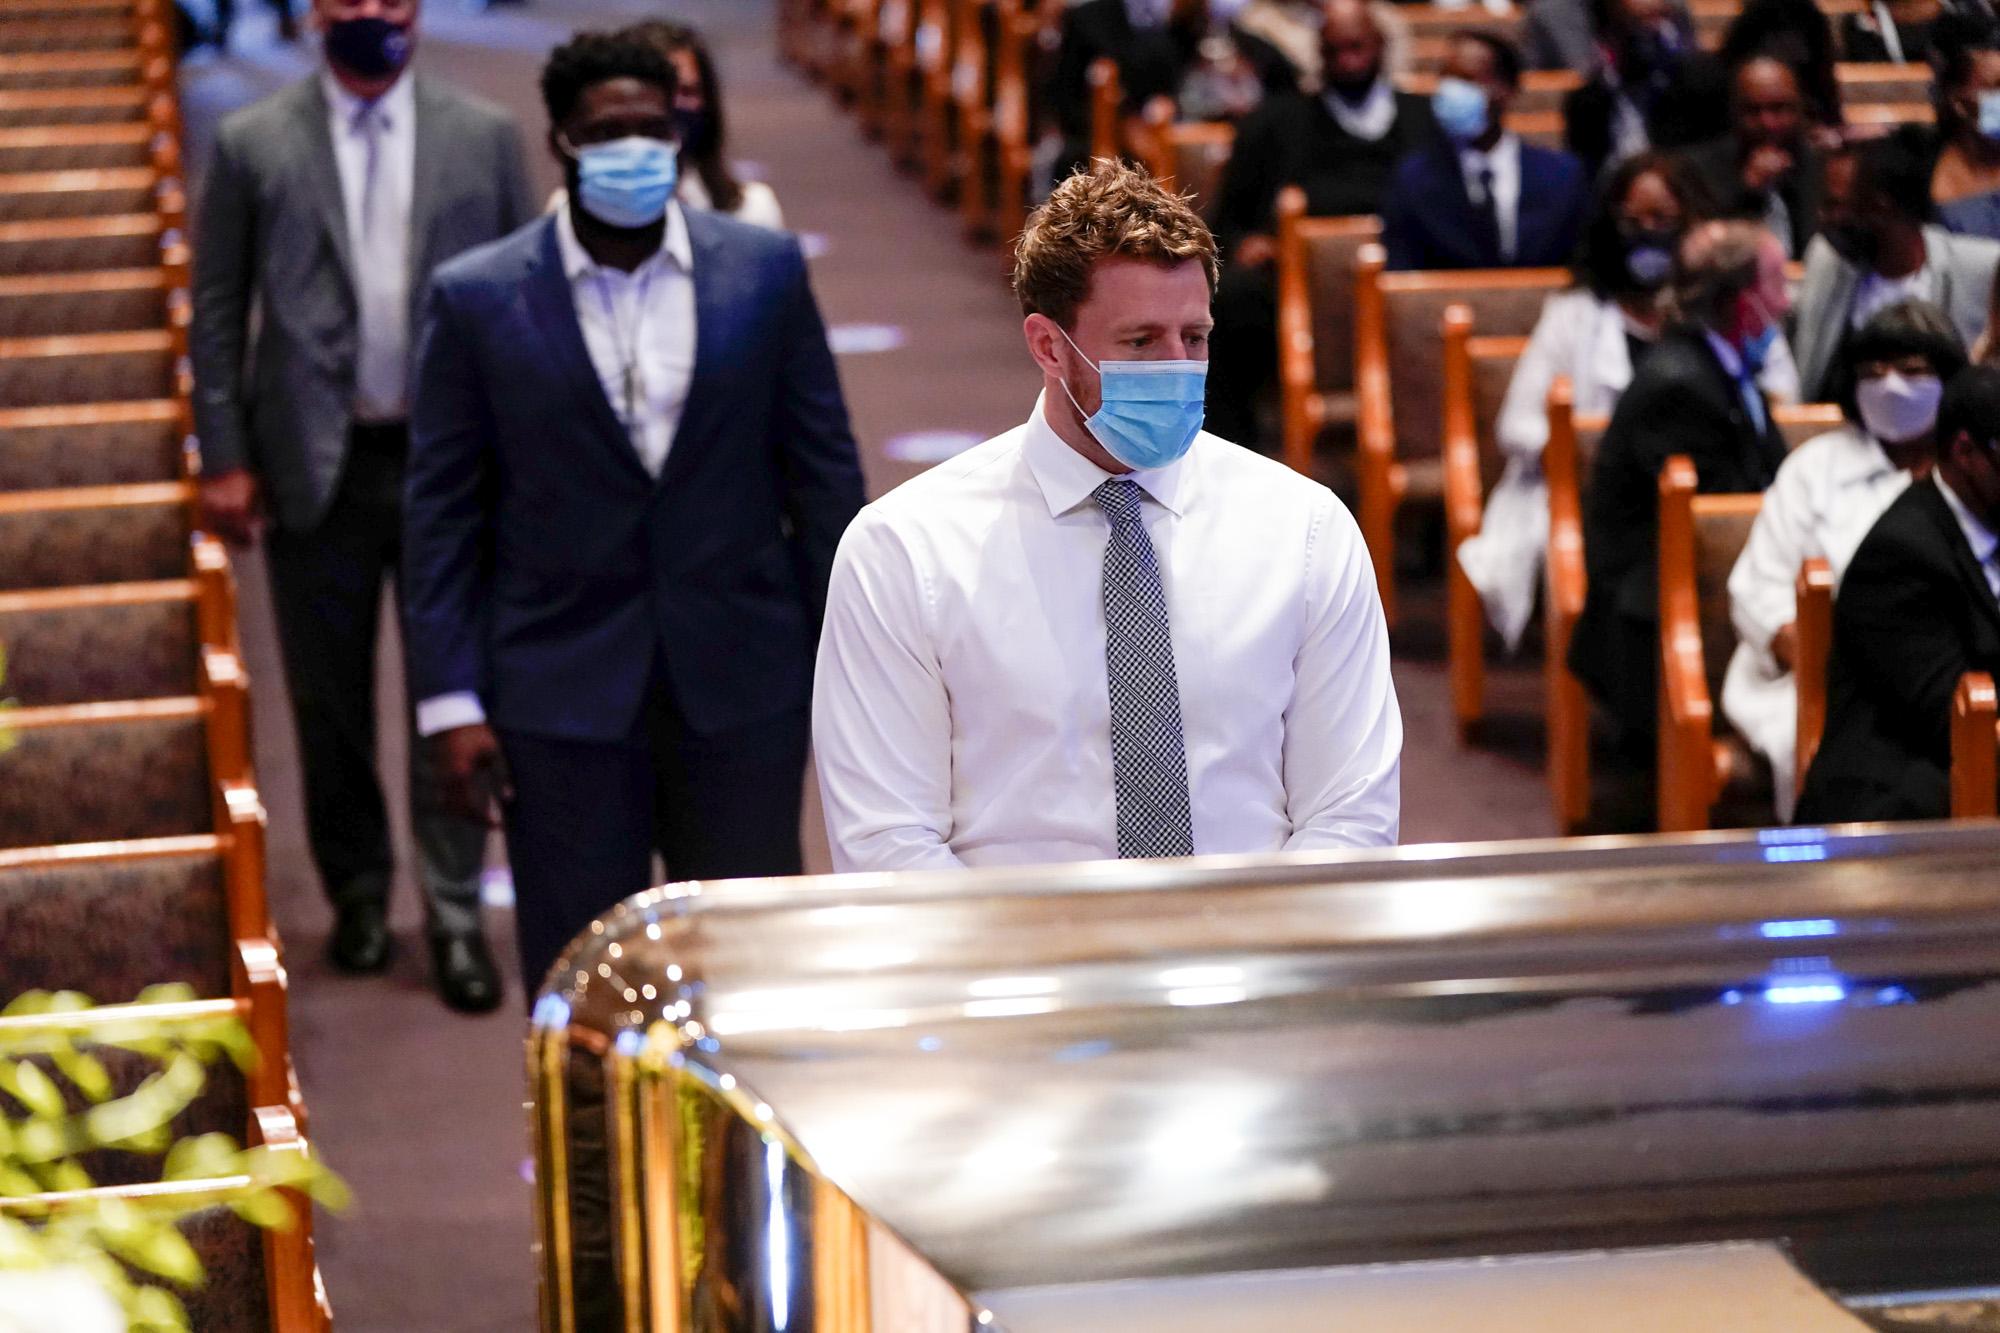 George Floyd Funeral